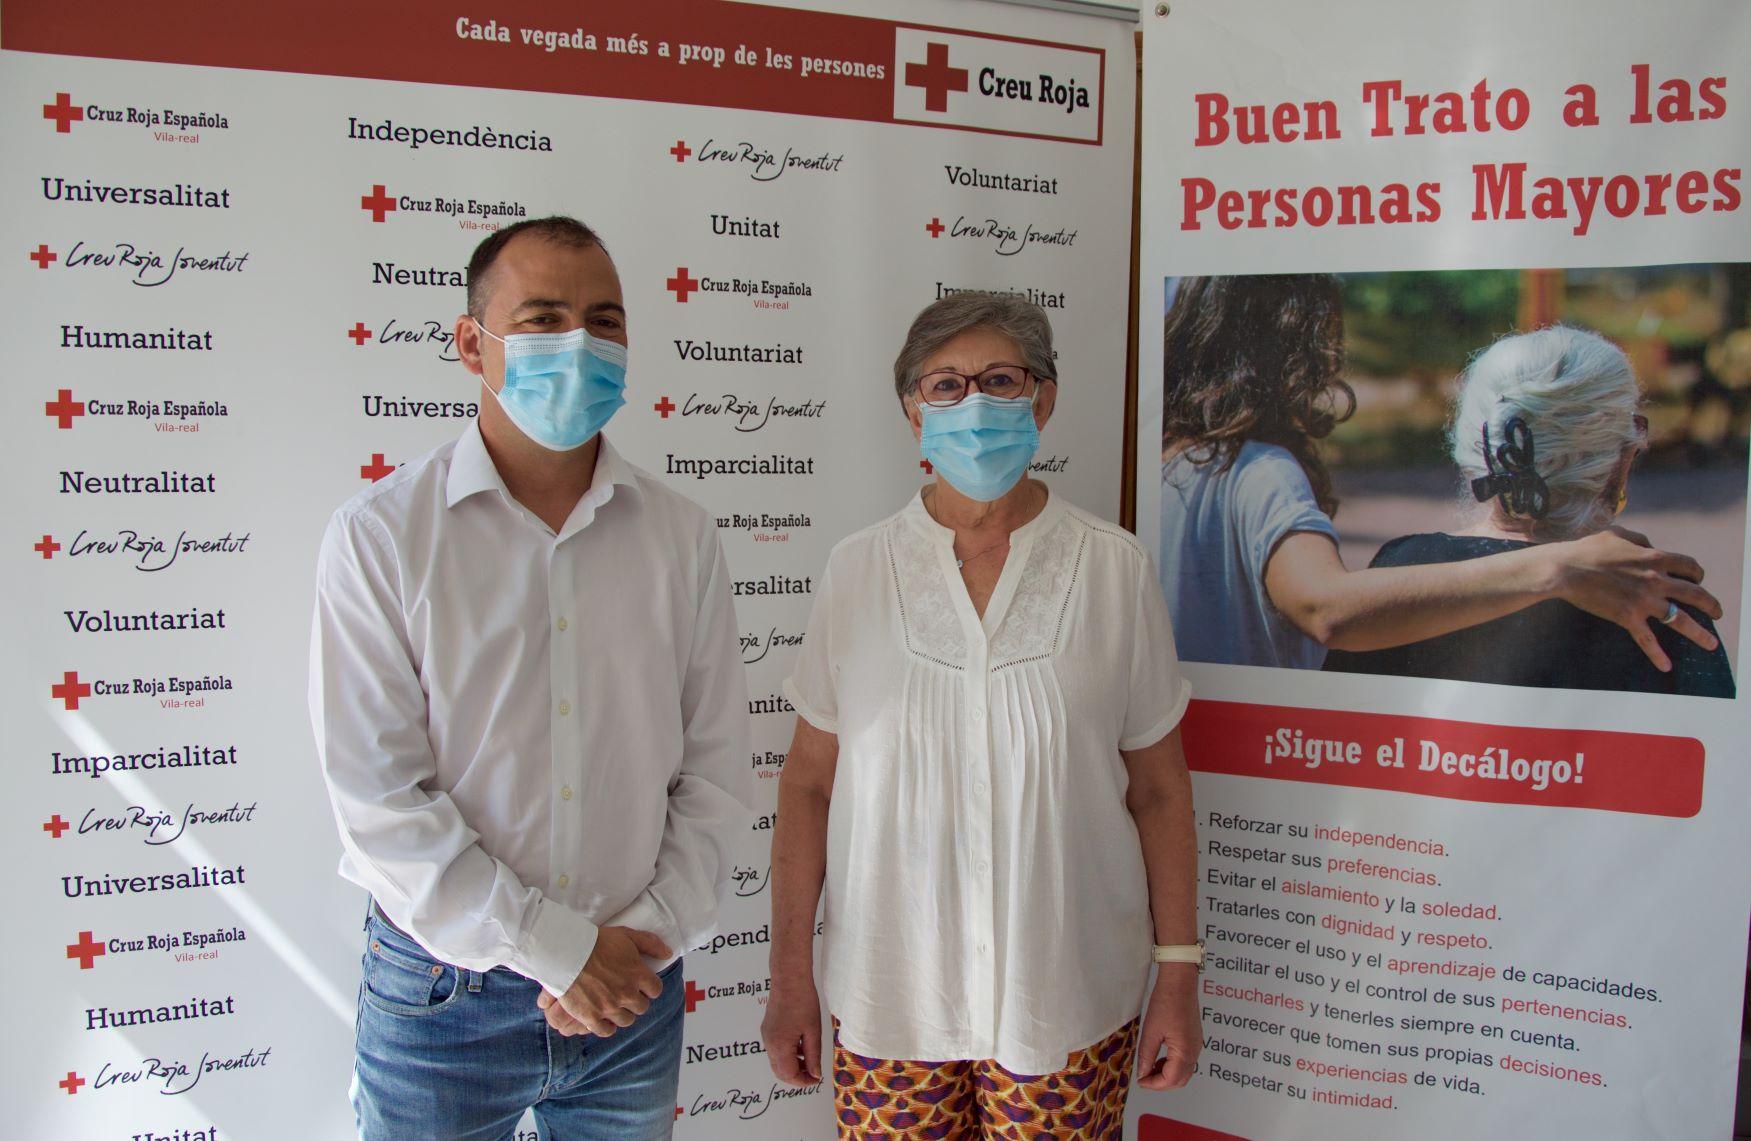 Vila-real se suma a la campaña de Cruz Roja 'Establecimiento Amigo de las Personas Mayores'